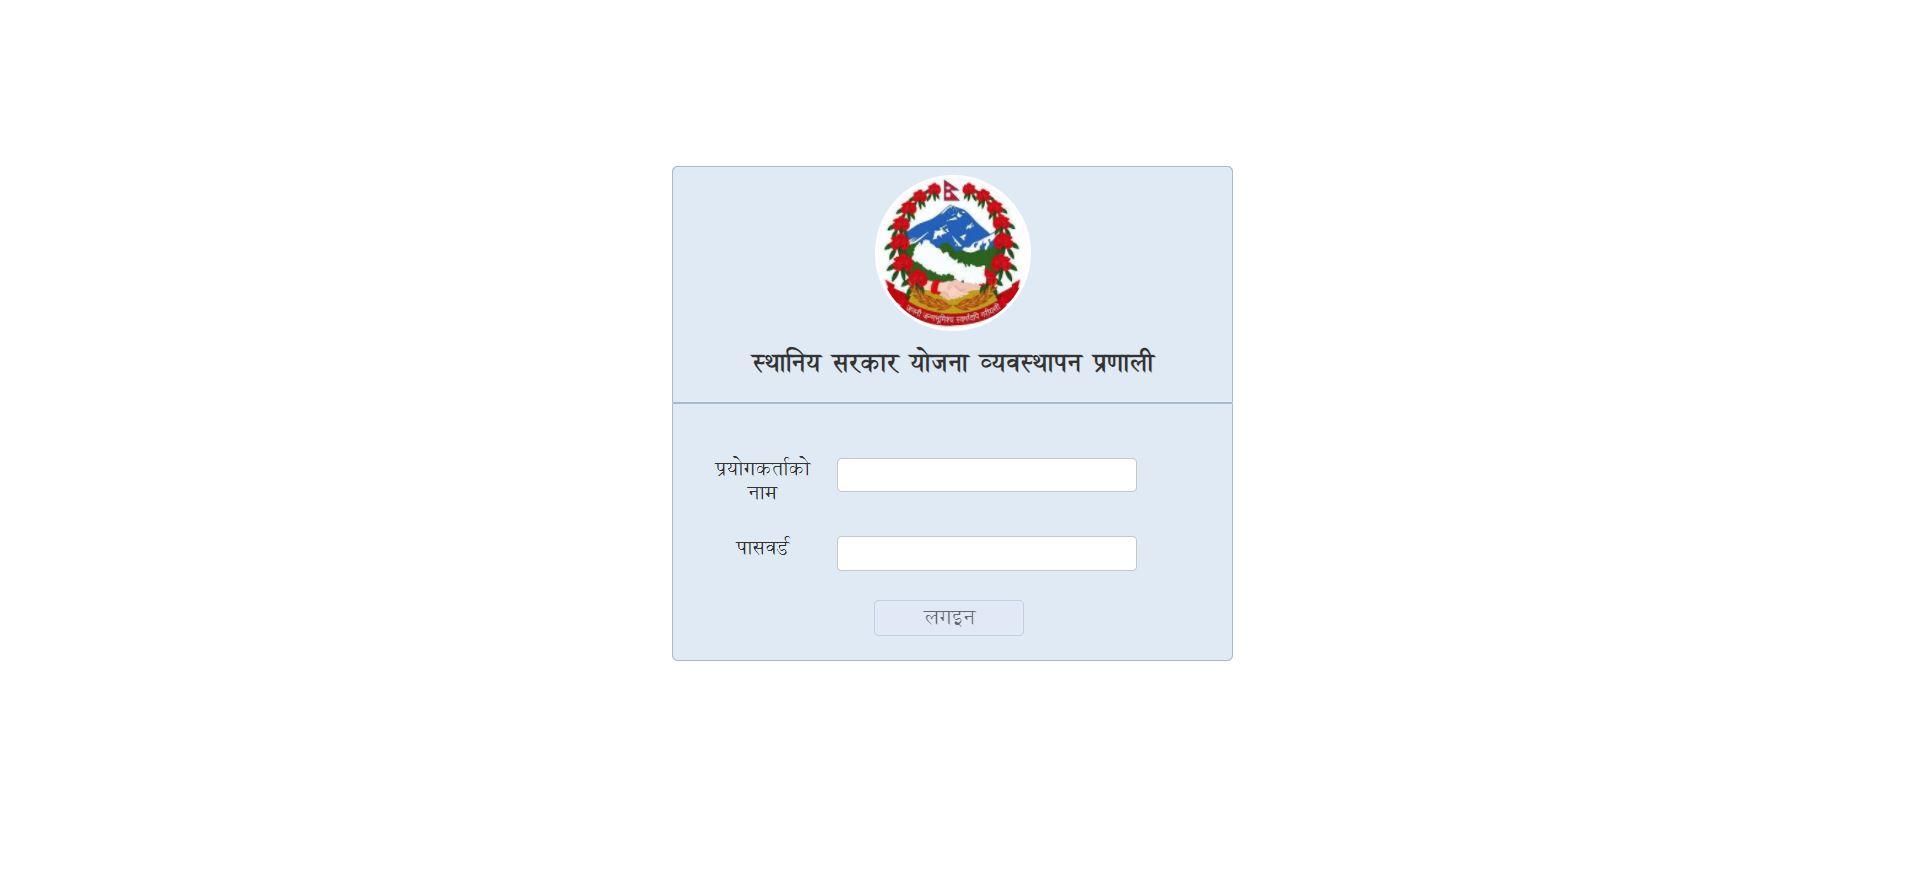 स्थानिय सरकार याेजना व्यवस्थापन प्रणाली 4